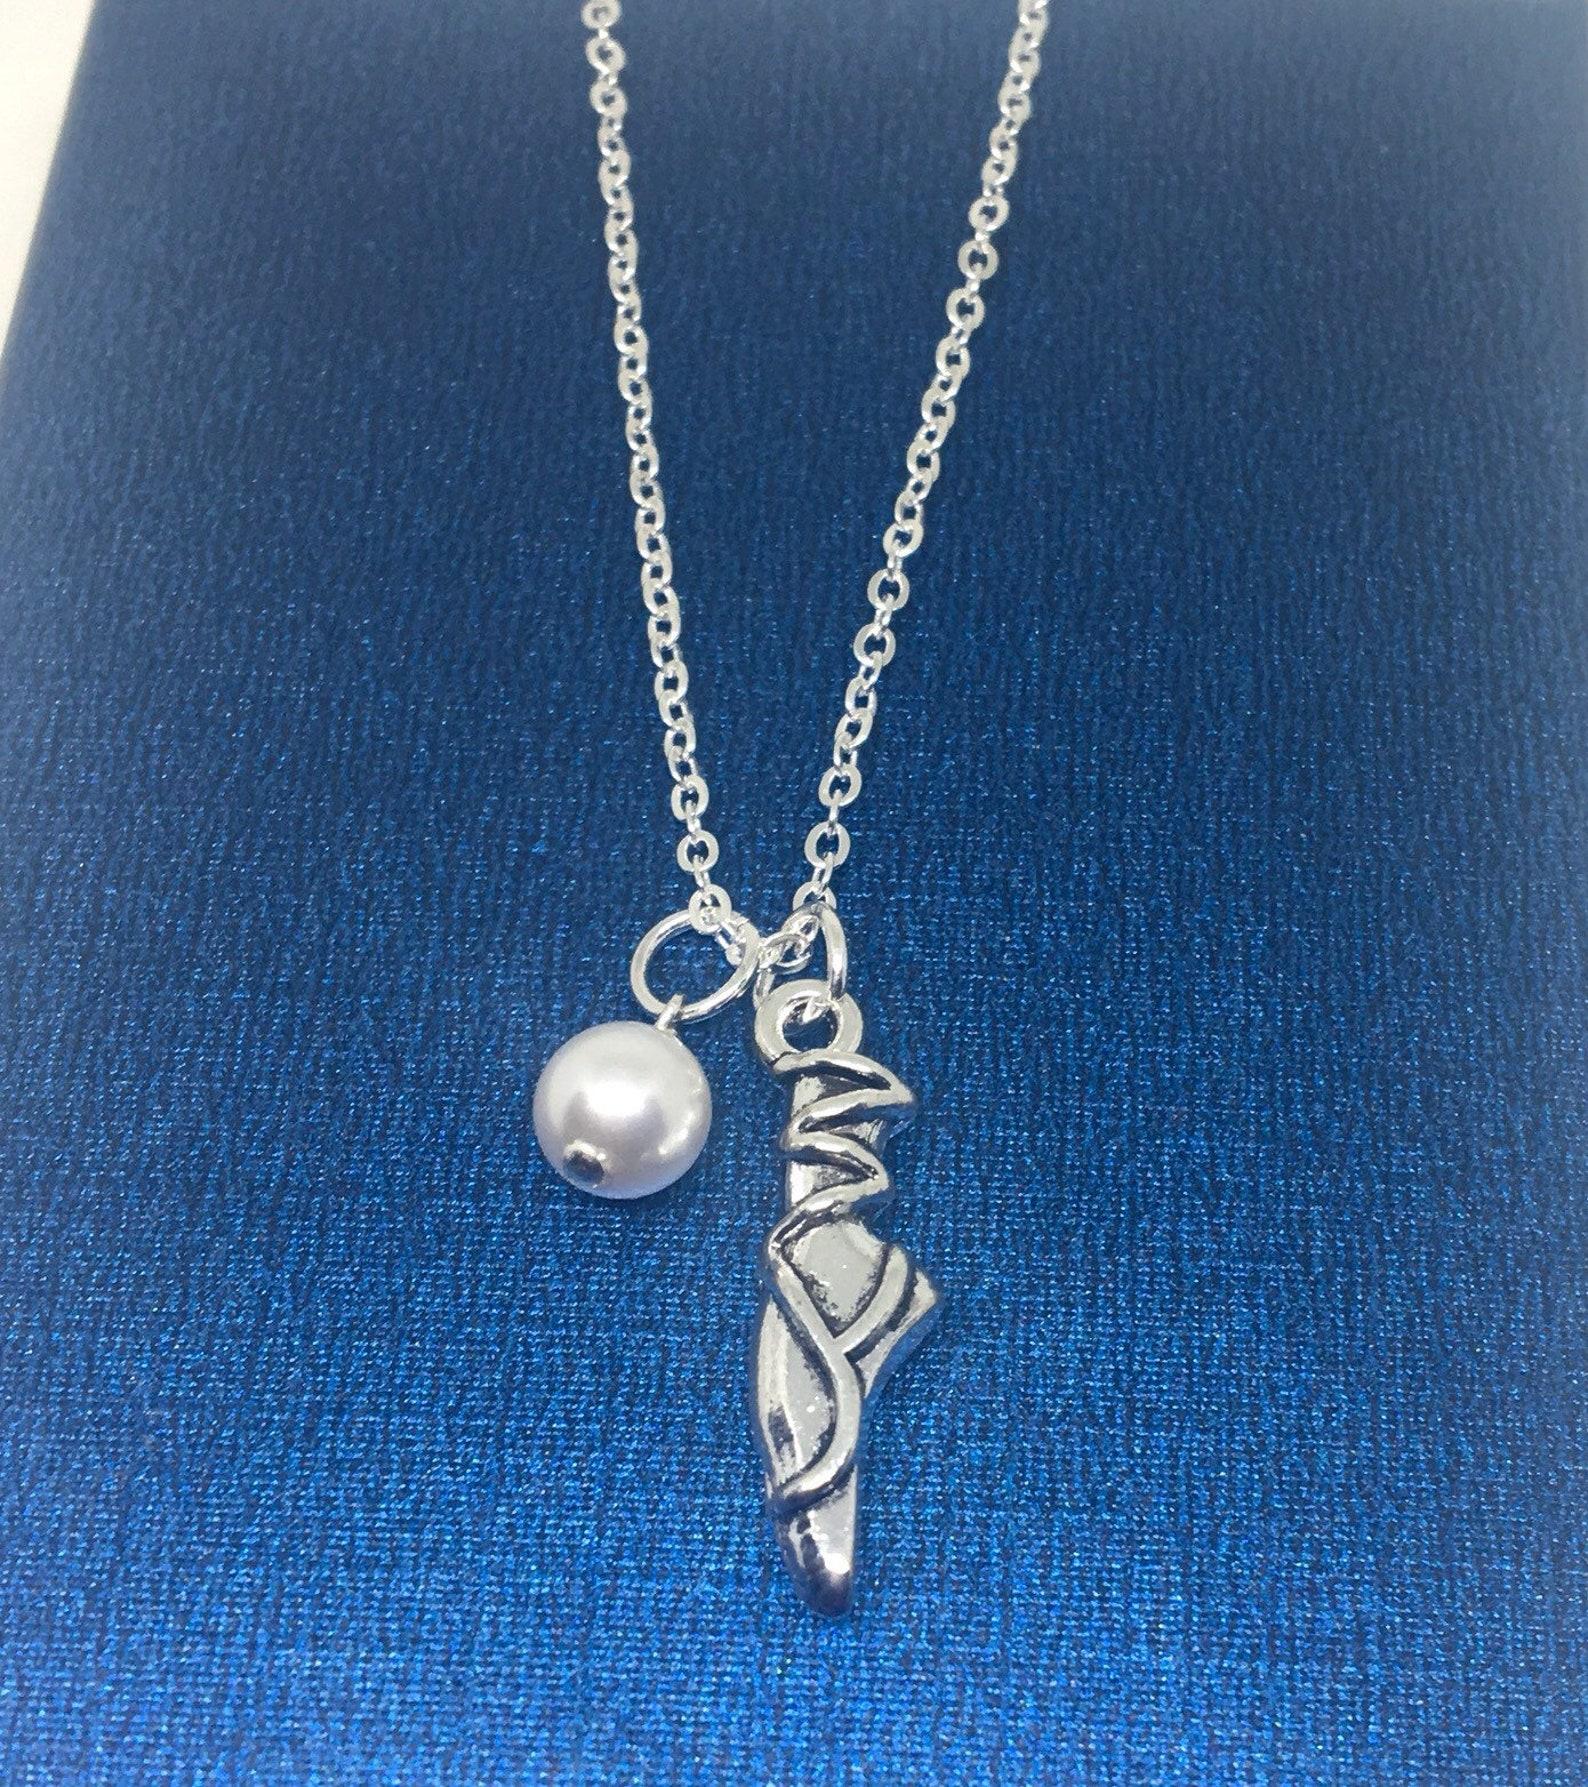 ballet necklace, ballerina ballet shoe, ballet slipper, dance ballet lovers, swarovski pearl, birthday jewellery, gift for her,